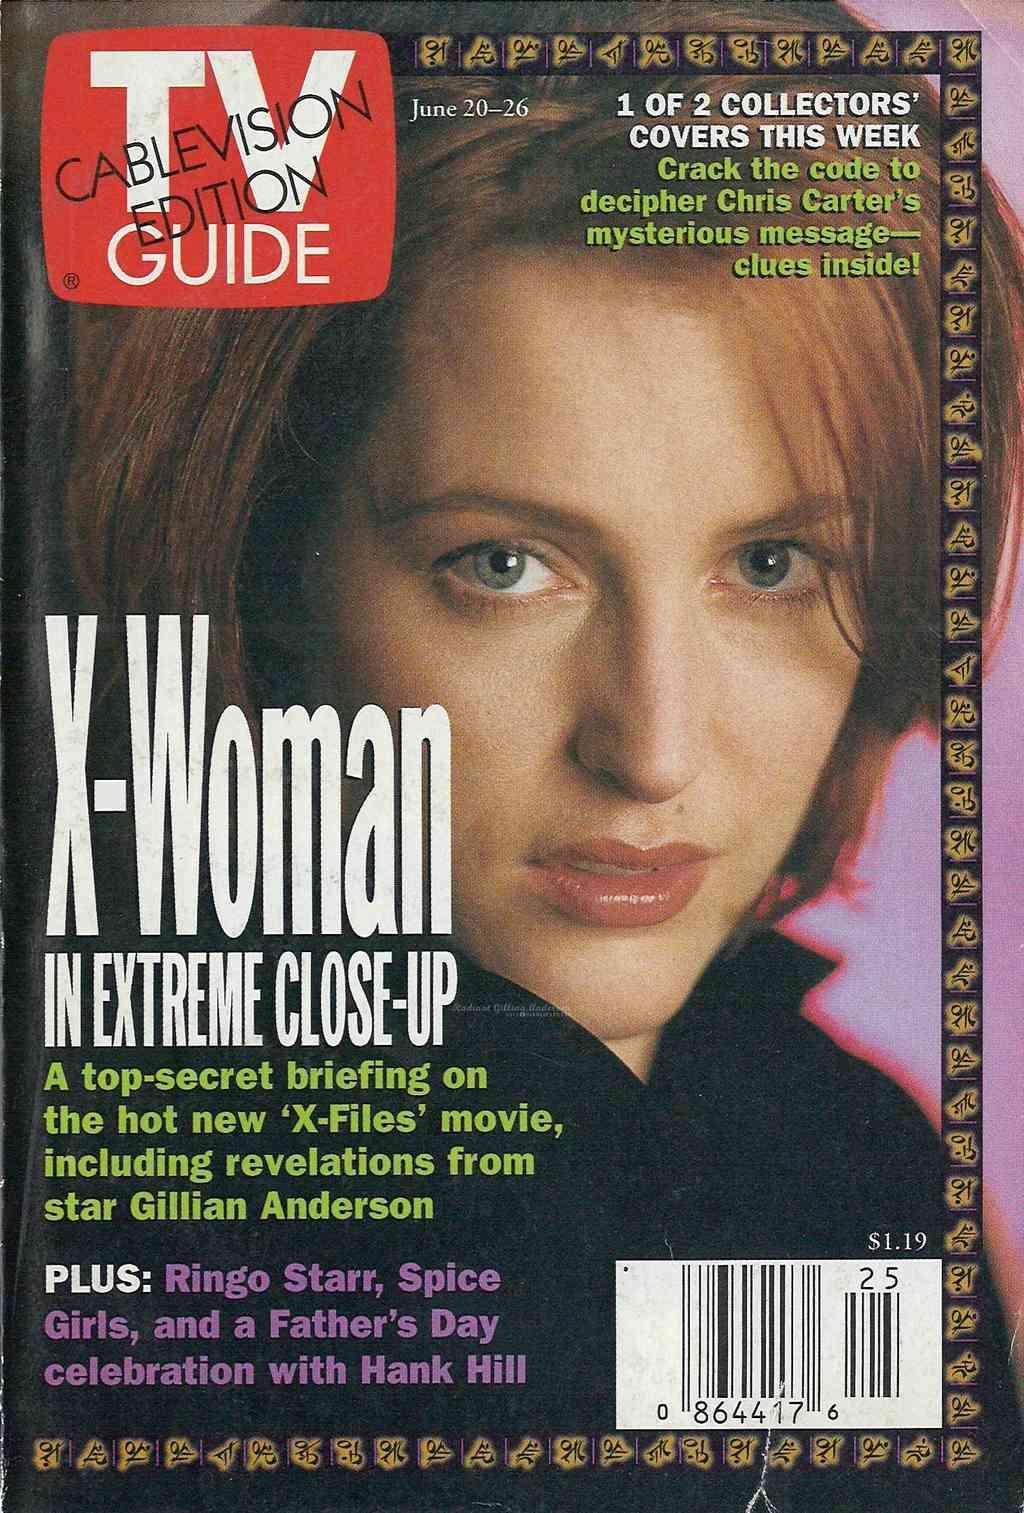 TV Guide (US) - June 20-26 00211